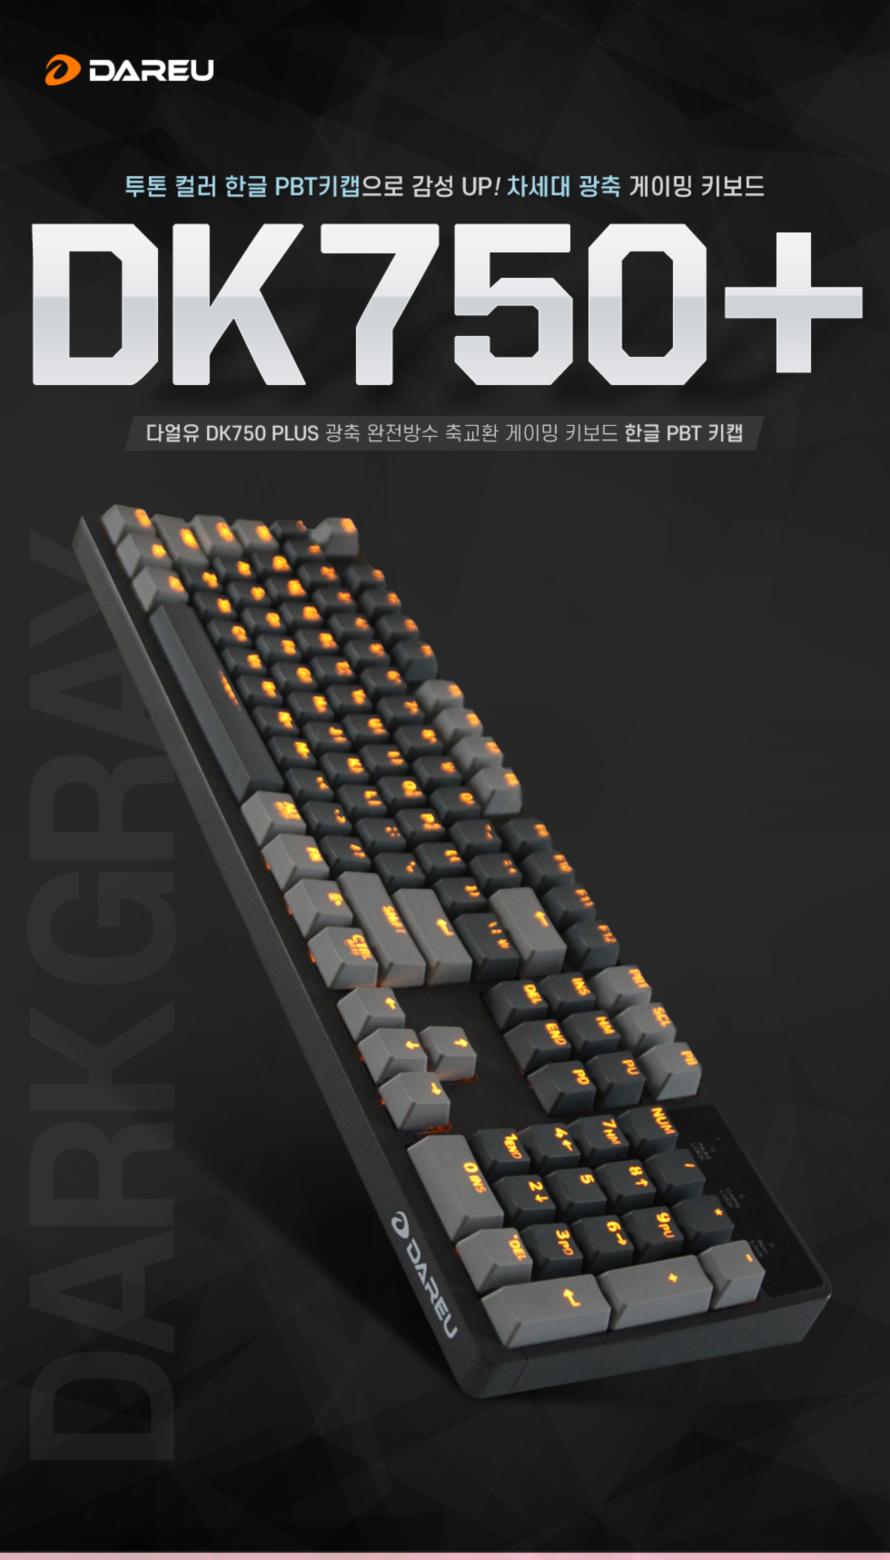 다얼유  DK750 PLUS 광축 완전방수 축교환 게이밍 키보드 한글 PBT 키캡(블랙, 클릭)